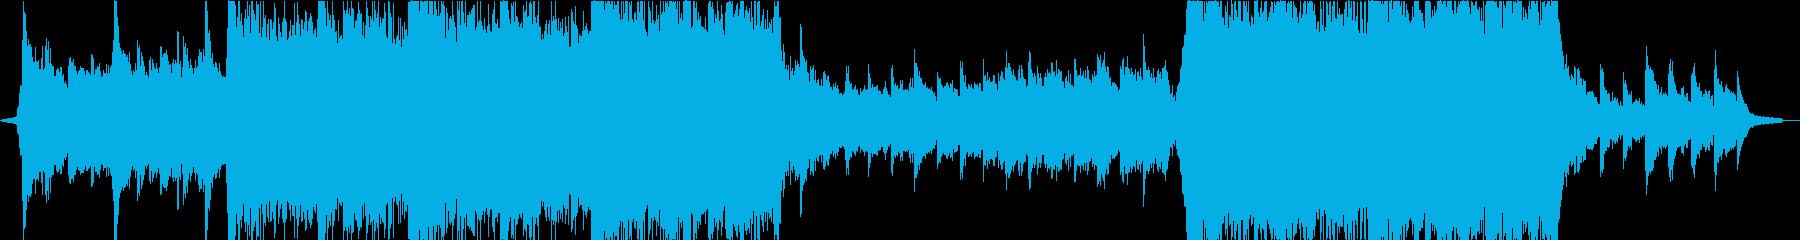 前向きでキャッチーなオーケストラエピックの再生済みの波形